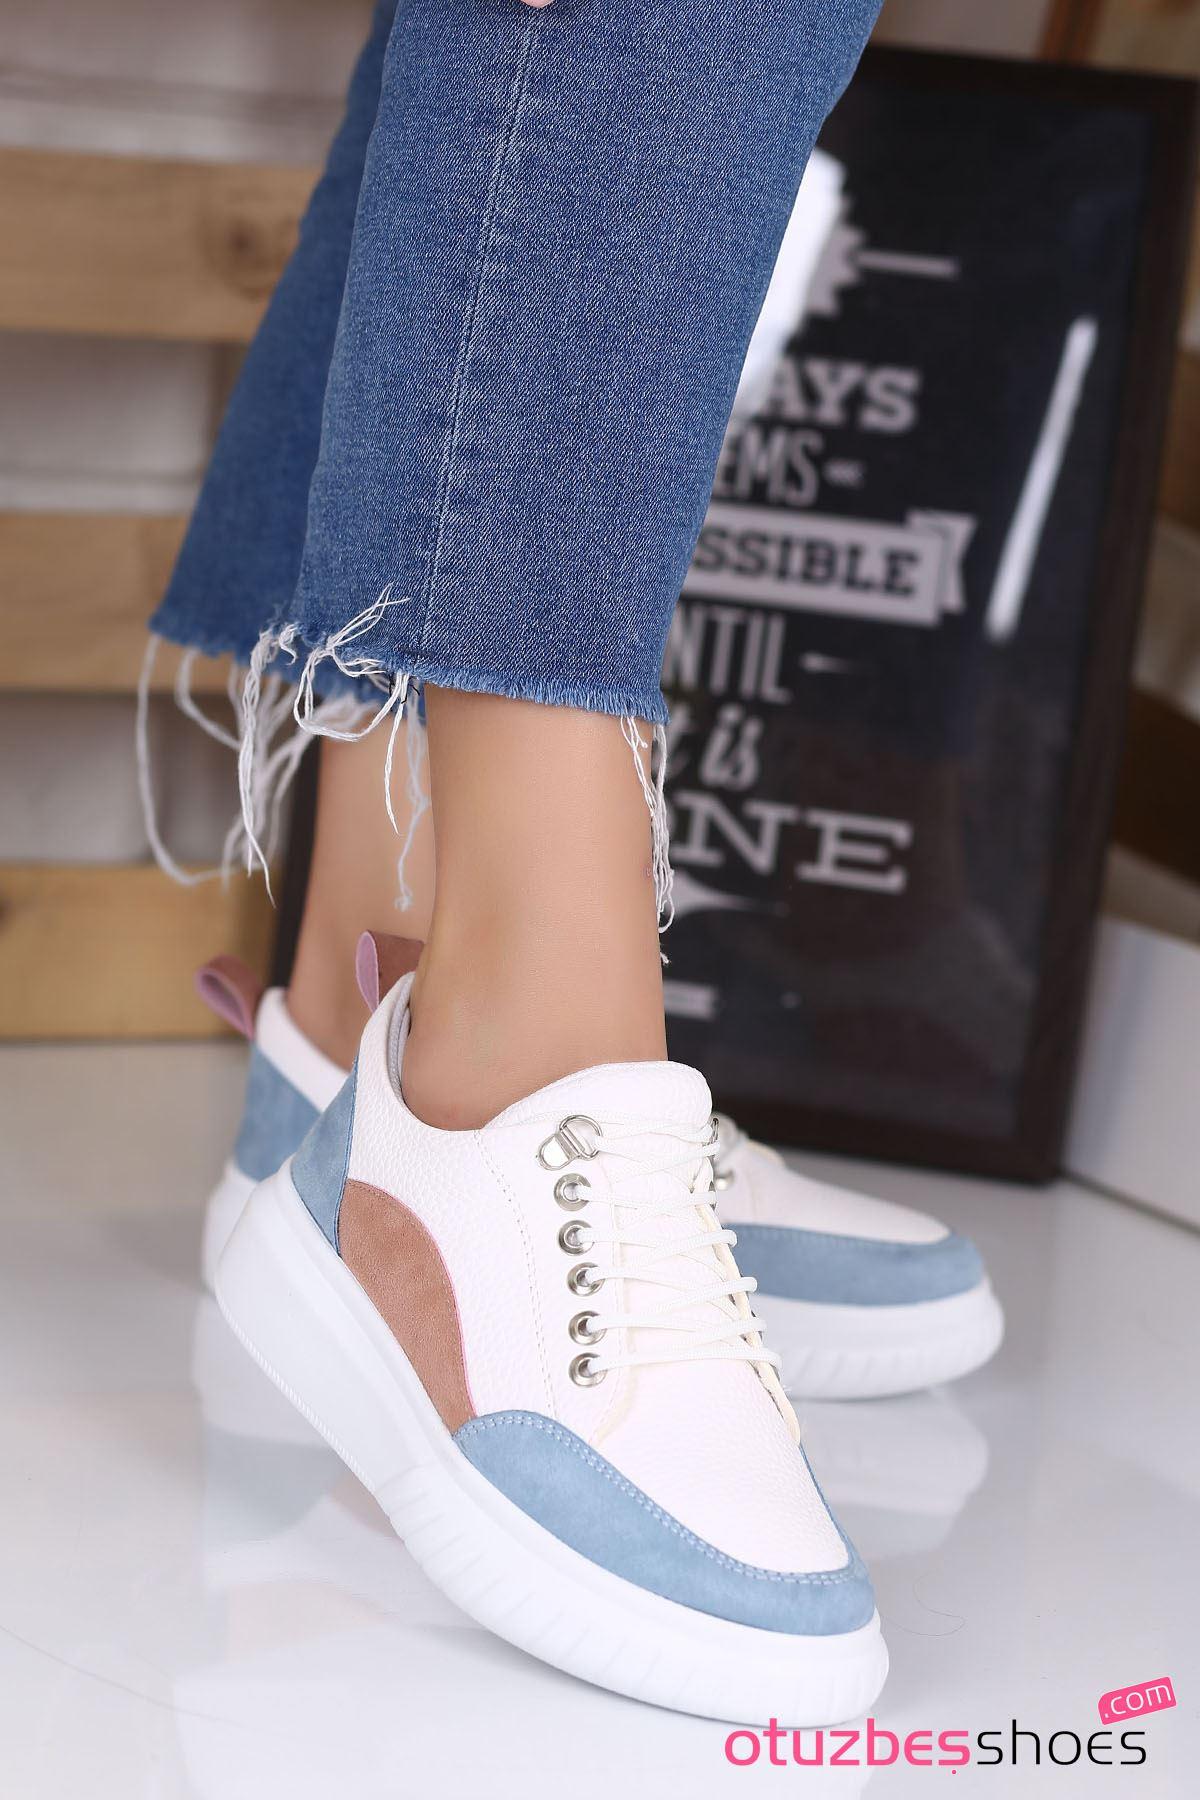 Dolly Mat Deri Renk Detay Kalın Taban Günlük Ayakkabı Bebe Mavi